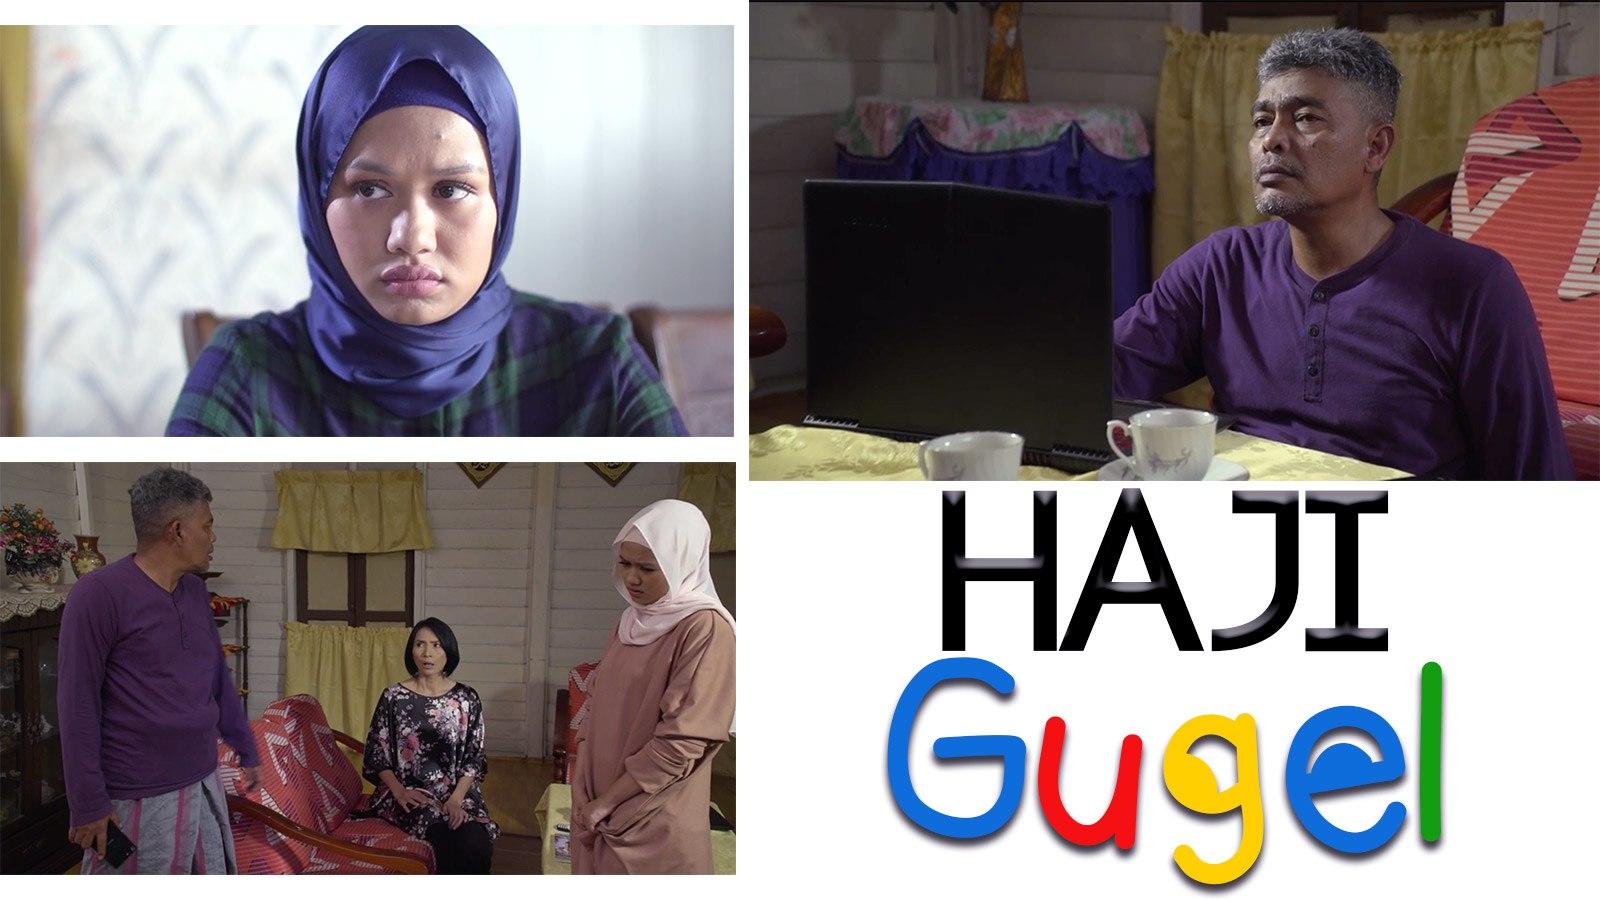 Haji Gugel [2018]